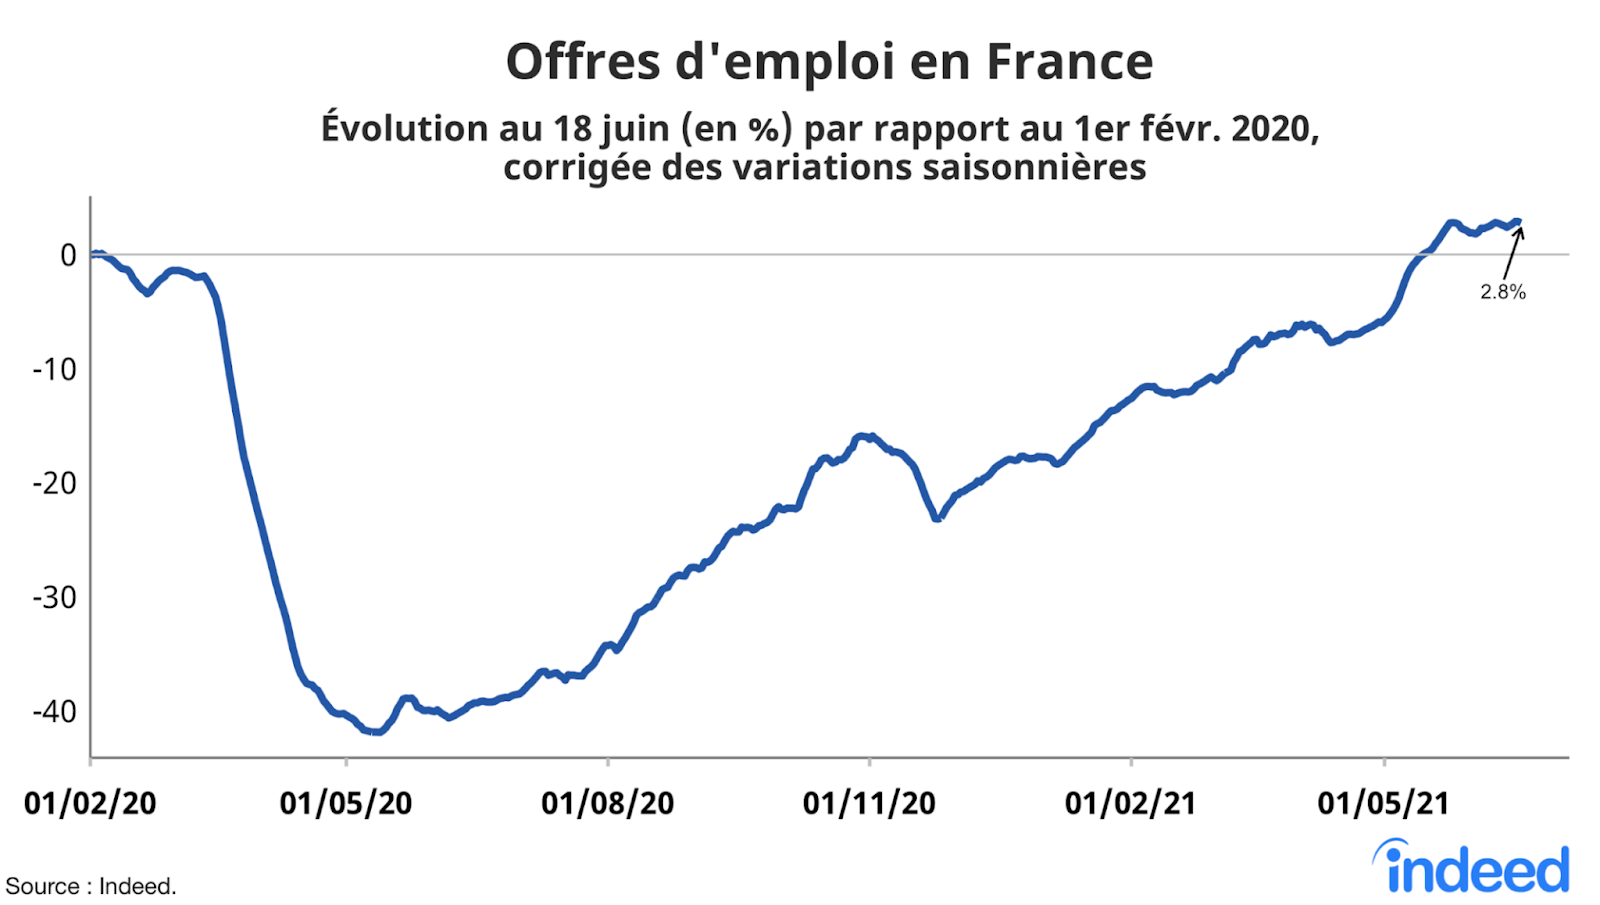 Le graphique en courbes illustre l'évolution en pourcentage des offres d'emploi en France au 18 juin 2021, par rapport au 1er février 2020, corrigée des variations saisonnières